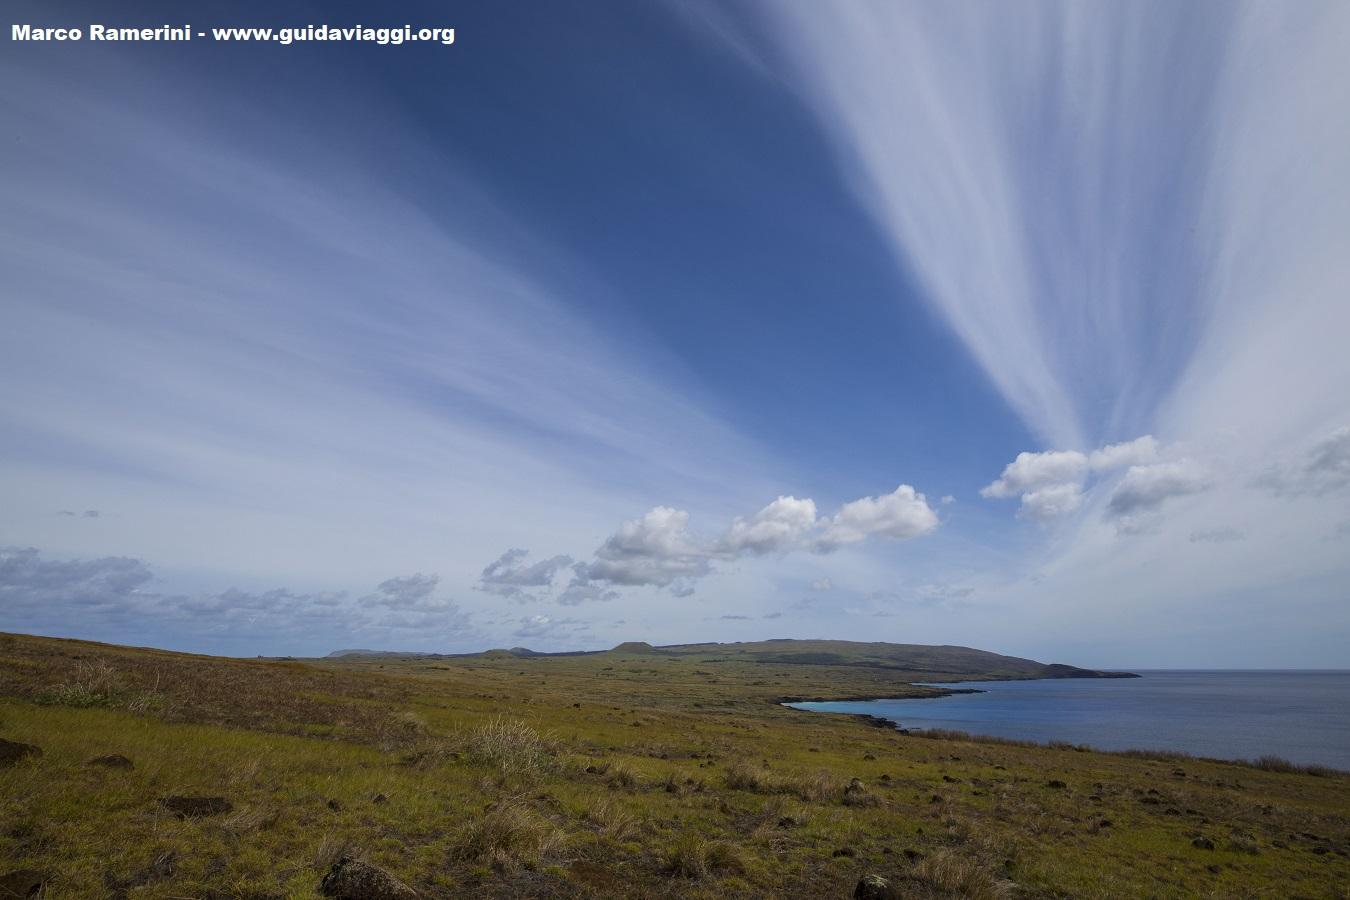 Panorama de l'île, vu du volcan Poike. A l'arrière-plan est le volcan Terevaka, le plus haut sommet de l'île.., Île de Pâques, Chili. Auteur et Copyright Marco Ramerini